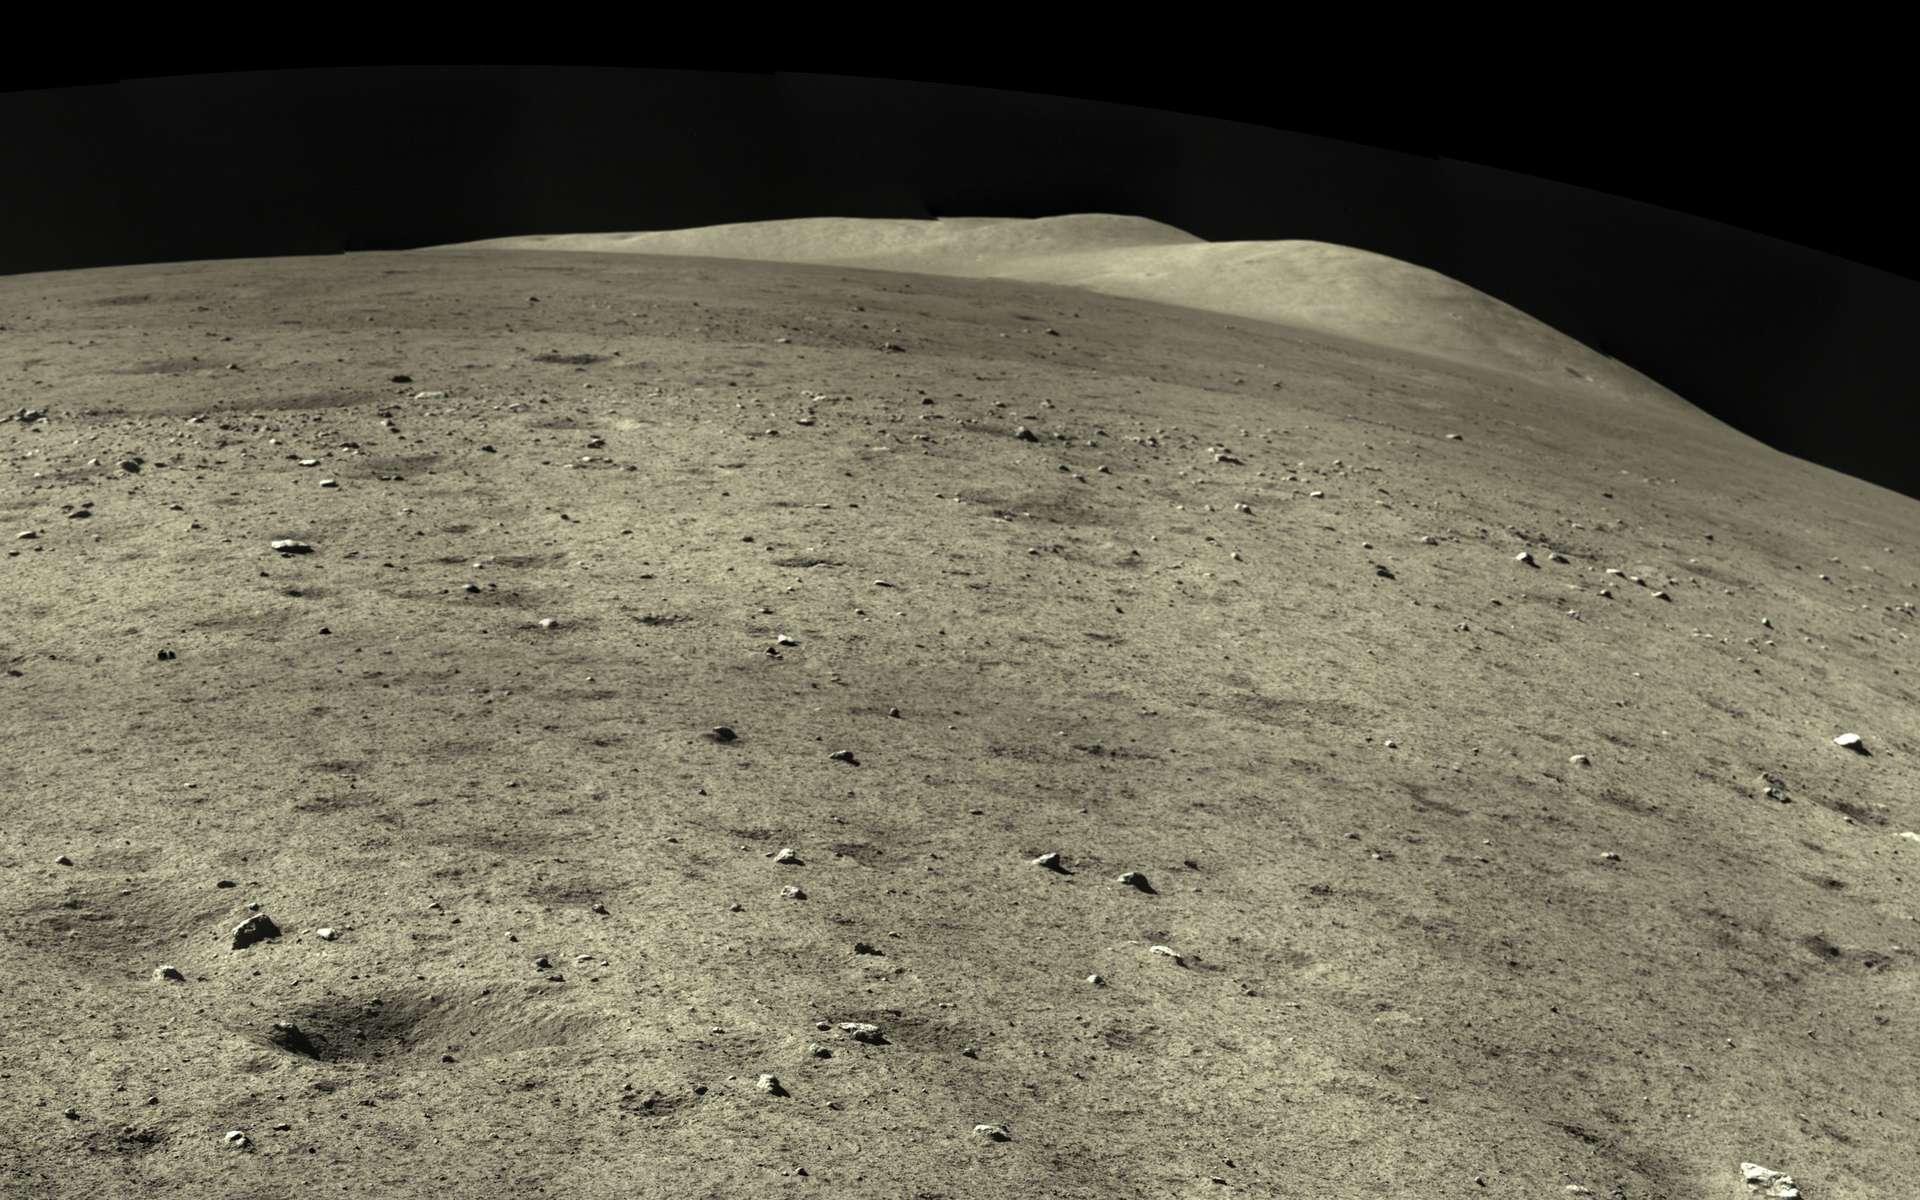 Chang'e 5 : les échantillons lunaires sont en orbite autour de la Lune